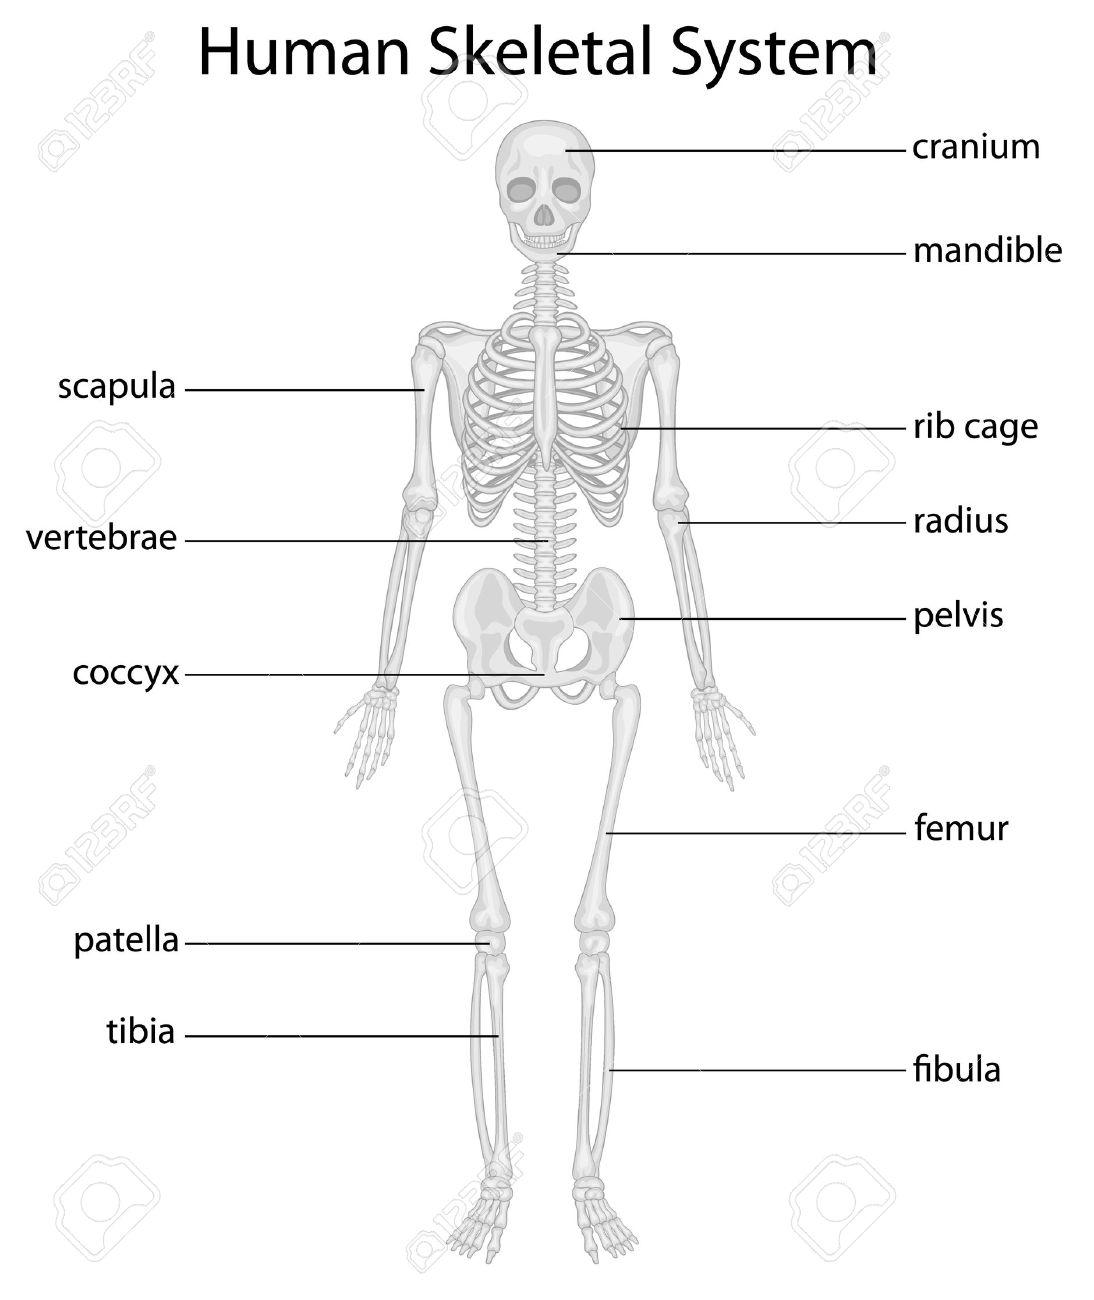 Illustration of skeletal system with labels - 13494318